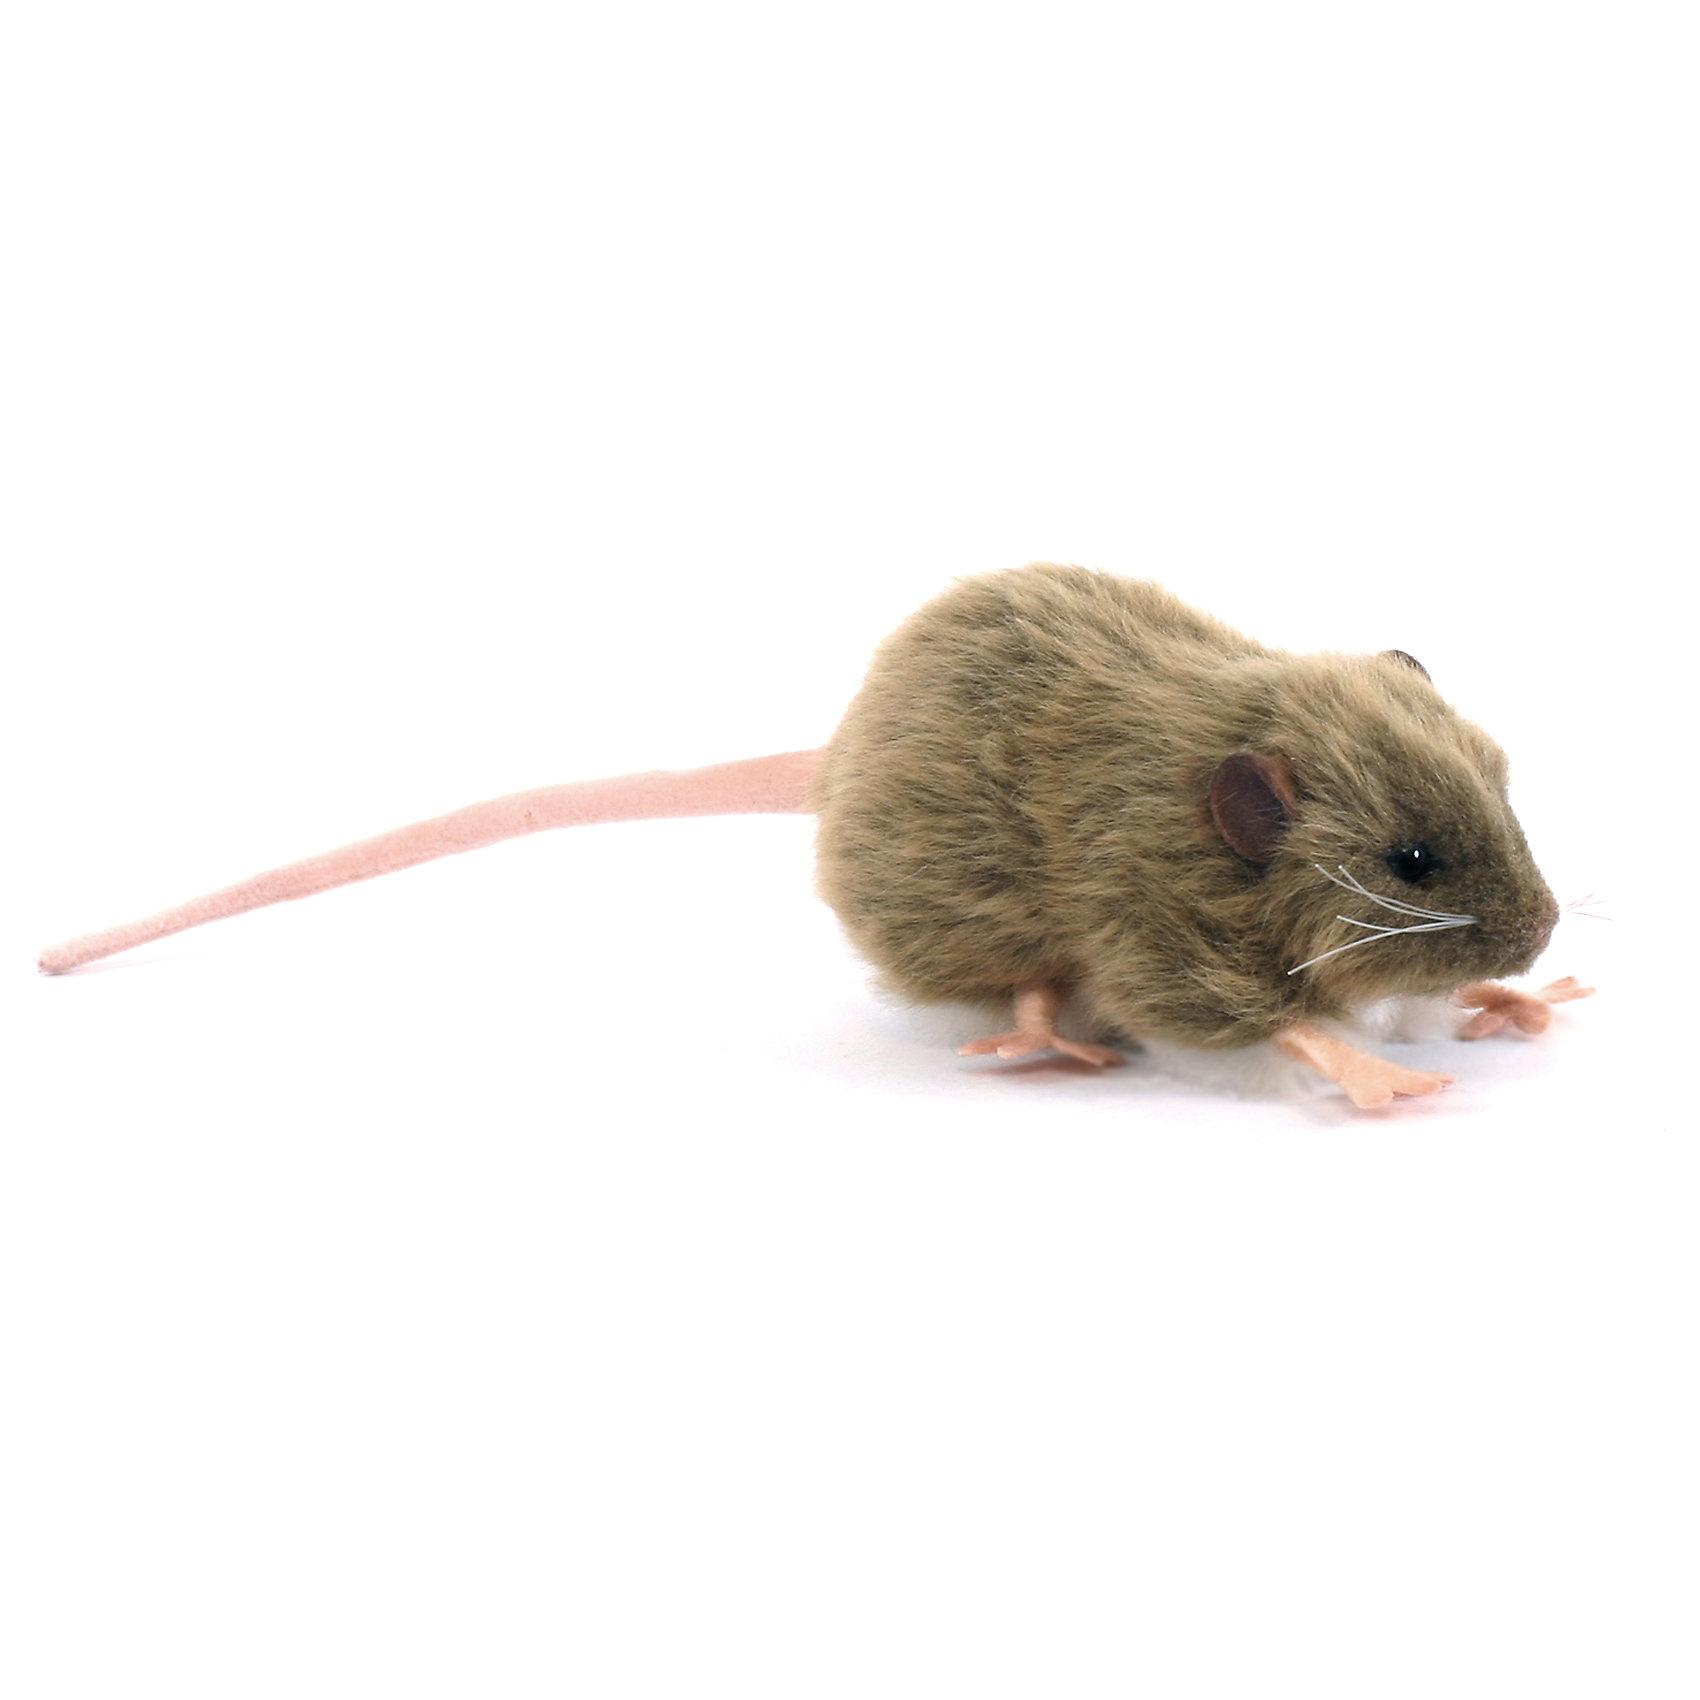 Мягкая игрушка Hansa Крыса бурая, 12 смМягкие игрушки животные<br>Характеристики товара:<br><br>• возраст: от 3 лет;<br>• материал: искусственный мех;<br>• длина игрушки: 12 см;<br>• размер упаковки: 12х6х7 см;<br>• вес упаковки: 15 гр.;<br>• страна производитель: Филиппины.<br><br>Мягкая игрушка Крыса бурая Hansa 12 см — маленькая мышка с глазками-пуговками и длинным хвостиком, которая станет для ребенка любимым домашним питомцем. Игрушку можно брать с собой на прогулку, в детский садик, в гости и устраивать вместе с друзьями веселые игры. <br><br>Внутри проходит титановый каркас, который позволяет менять положение лап, туловища, поворачивать голову. Игрушка сделана из качественных безопасных материалов.<br><br>Мягкую игрушку Крыса бурая Hansa 12 см можно приобрести в нашем интернет-магазине.<br><br>Ширина мм: 120<br>Глубина мм: 60<br>Высота мм: 70<br>Вес г: 15<br>Возраст от месяцев: 36<br>Возраст до месяцев: 2147483647<br>Пол: Унисекс<br>Возраст: Детский<br>SKU: 6680742